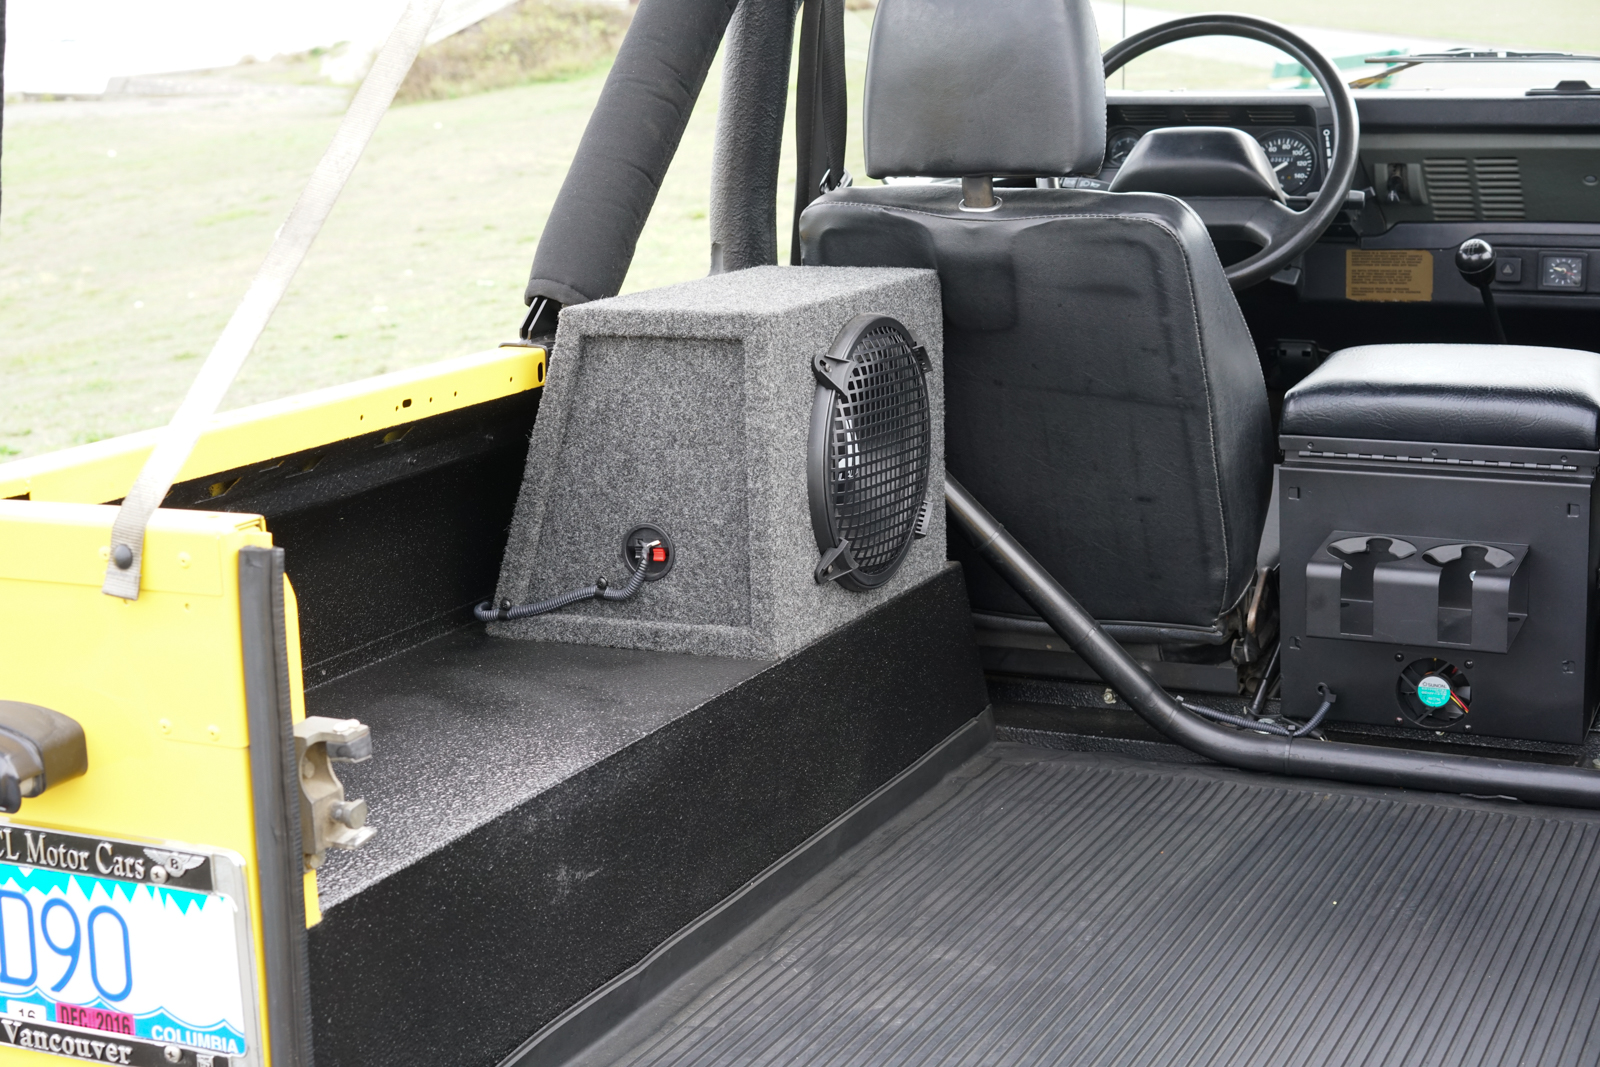 1994 Land Rover Defender 90 NAS #58 for sale